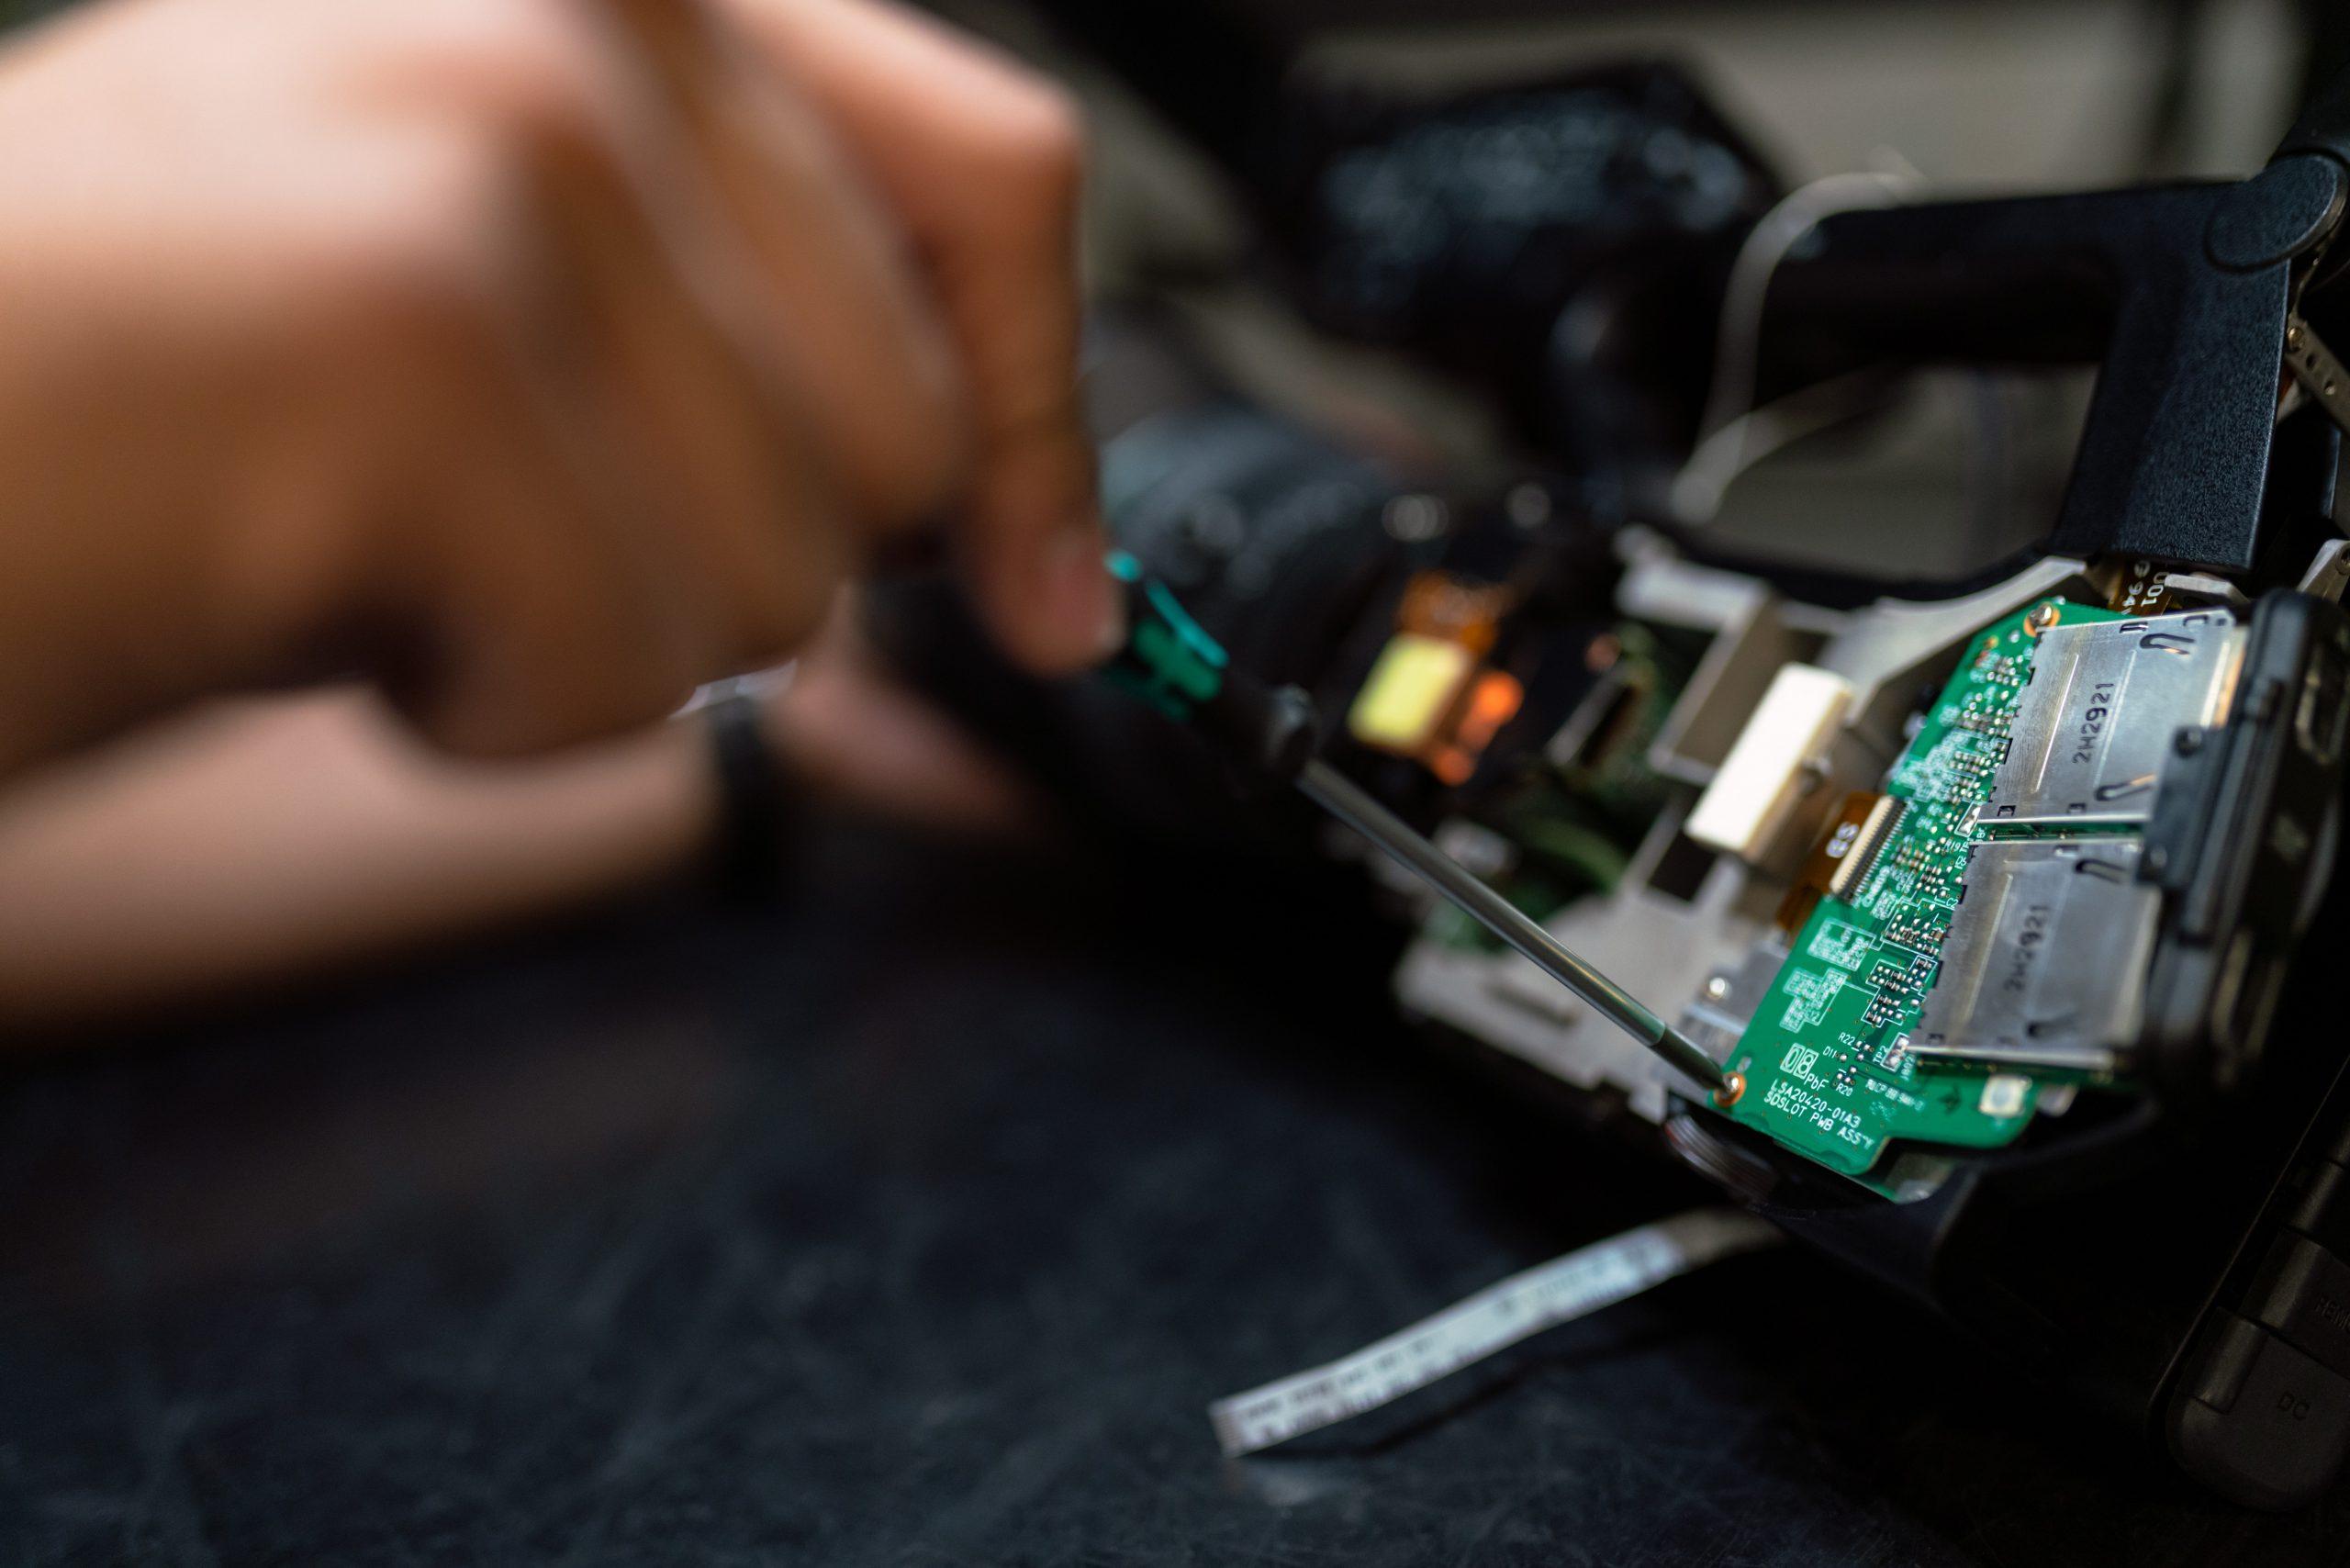 Extiende la funcionalidad de Power Automate (MS flow) con .Net orientado a Microsoft Dataverse